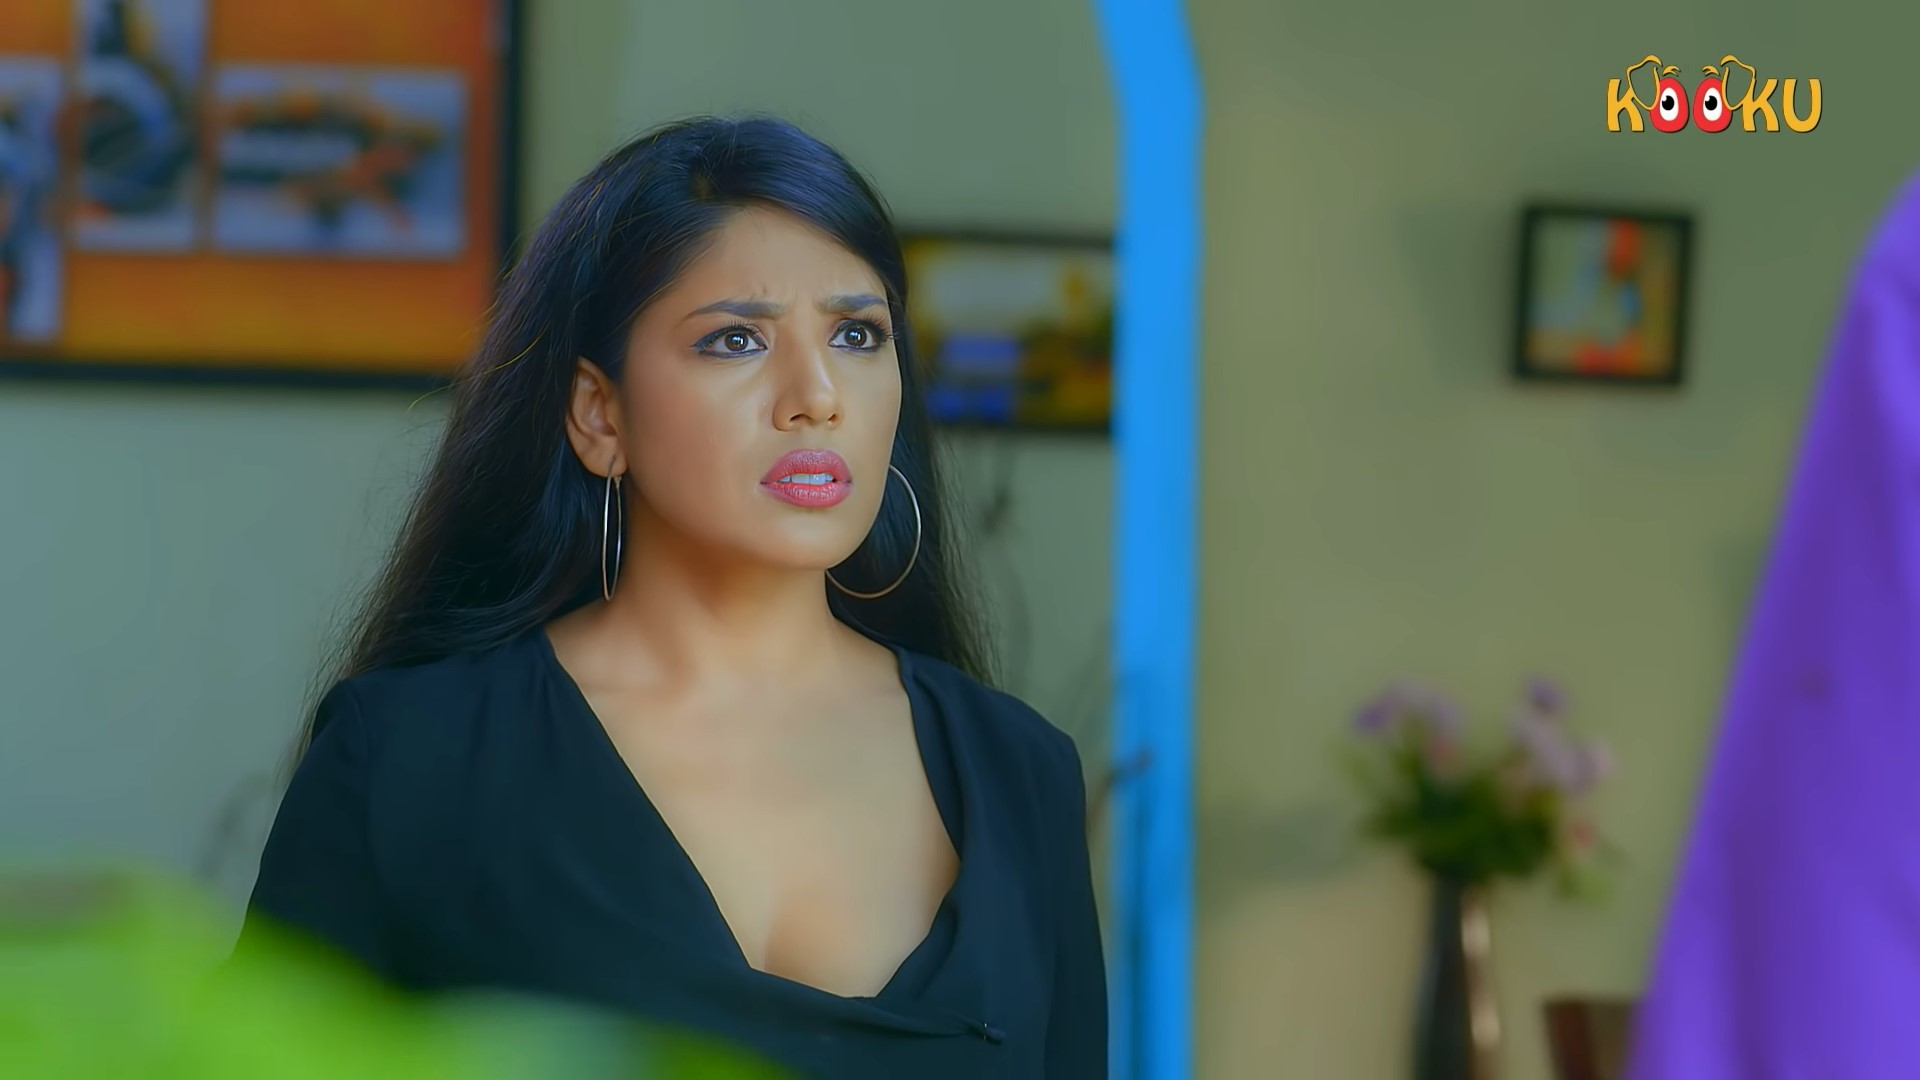 Love Letter 2020 Hindi Kooku App Web Series Watch Online, Release Date, Cast, Trailer